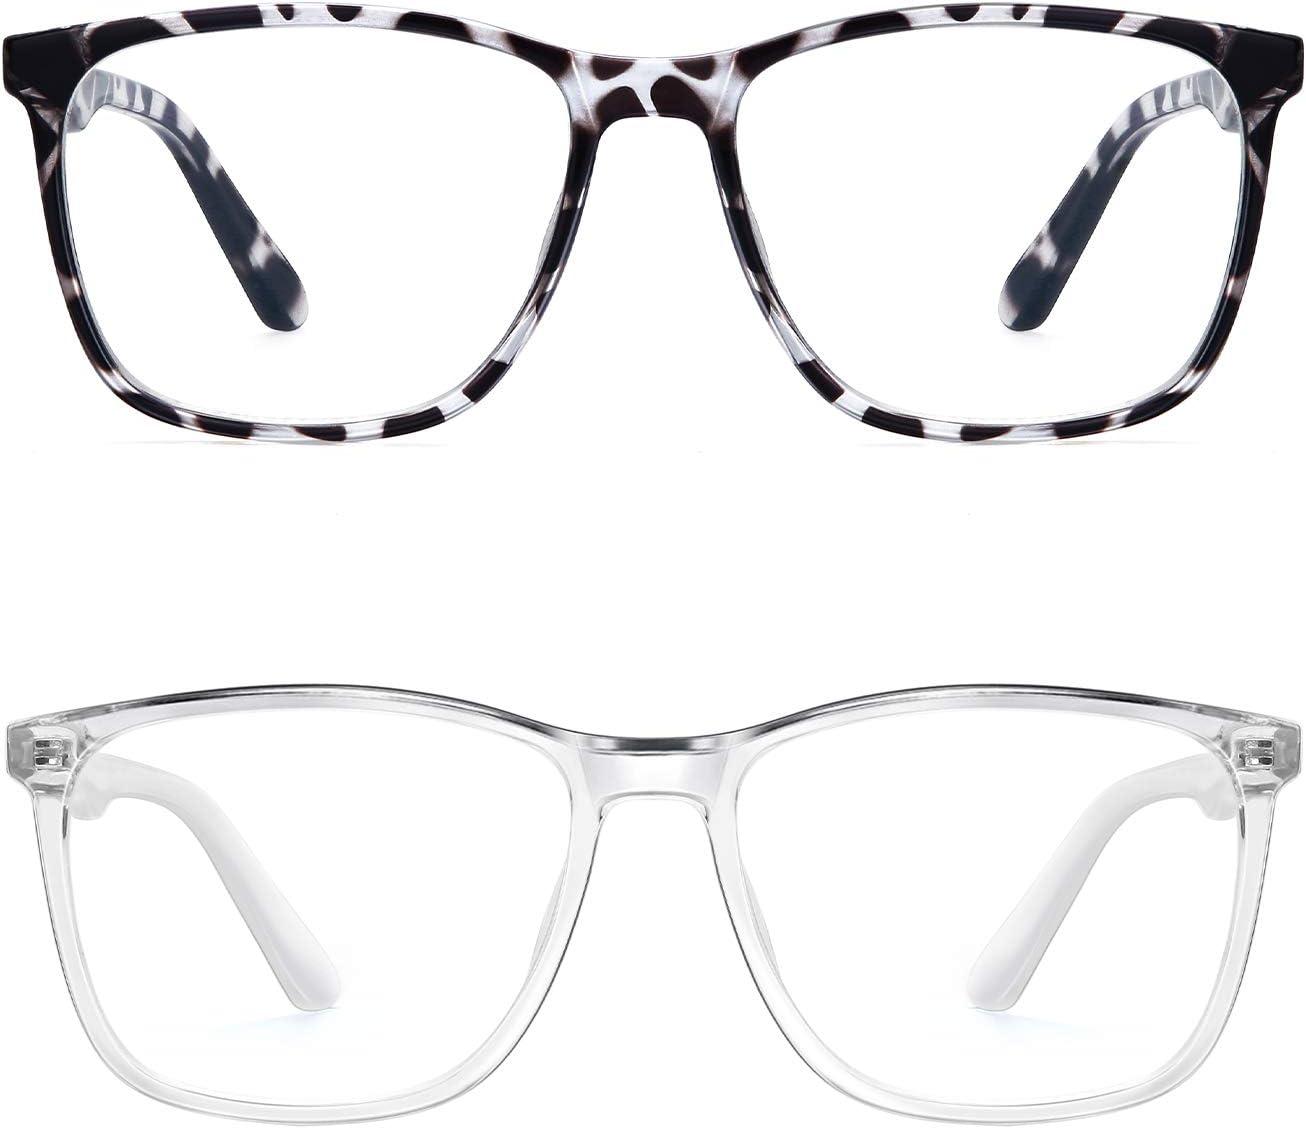 Blue Light Blocking Glasses Women/Men, PengSer Fashion Lightweight Frame Computer Eye Glasses Anti Eyestrain & UV Glare for Gaming & Reading, 2-Pack (Bean Flower & Clear)